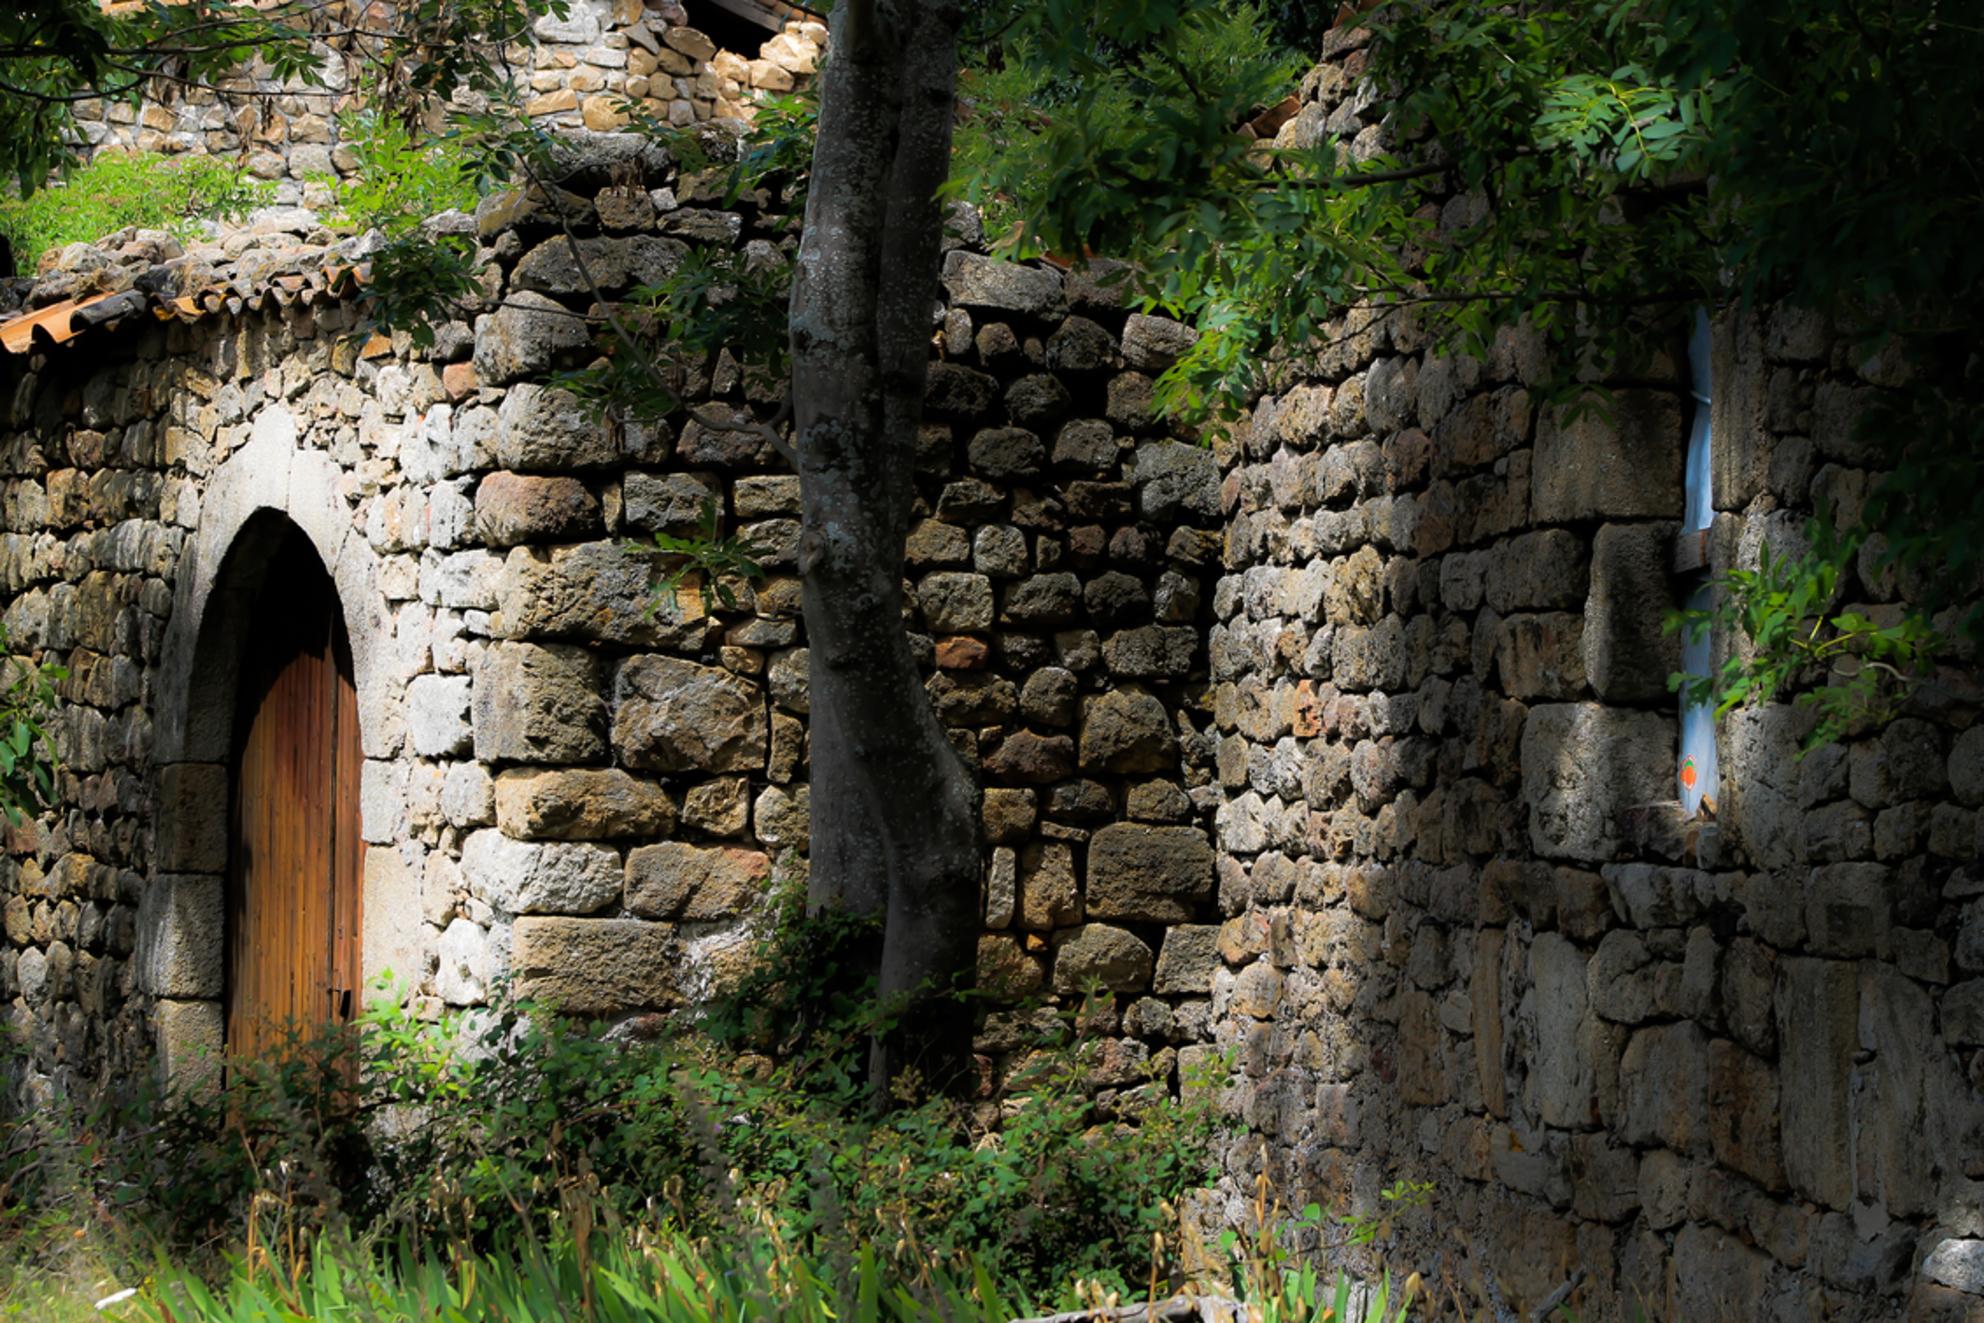 The stone house - The stone house - foto door denniseilander op 22-10-2013 - deze foto bevat: house, canon, tree, eos, stone, grass, lightroom, 1100D, lightroom5 - Deze foto mag gebruikt worden in een Zoom.nl publicatie